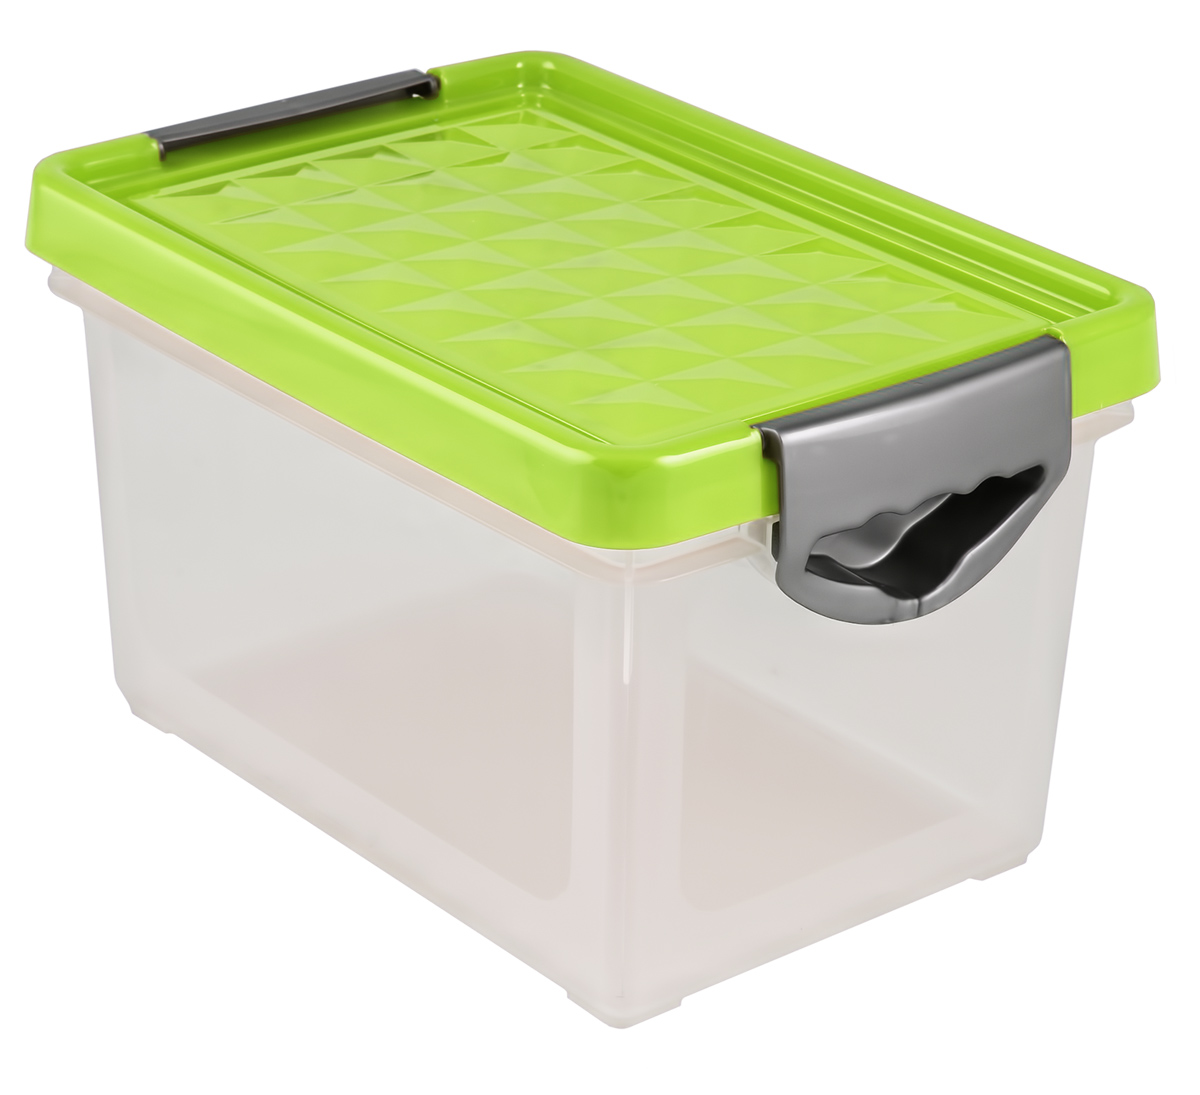 Ящик для хранения BranQ Systema, на колесиках, цвет: зеленый, прозрачный, 48 л74-0120Универсальный ящик для хранения BranQ Systema, выполненный из прочного пластика, поможет правильно организовать пространство в доме и сэкономить место. В нем можно хранить все, что угодно: одежду, обувь, детские игрушки и многое другое. Прочный каркас ящика позволит хранить как легкие вещи, так и переносить собранный урожай овощей или фруктов. Изделие оснащено крышкой, которая защитит вещи от пыли, грязи и влаги.Эргономичные ручки-защелки, позволяют переносить ящик как с крышкой, так и без нее.